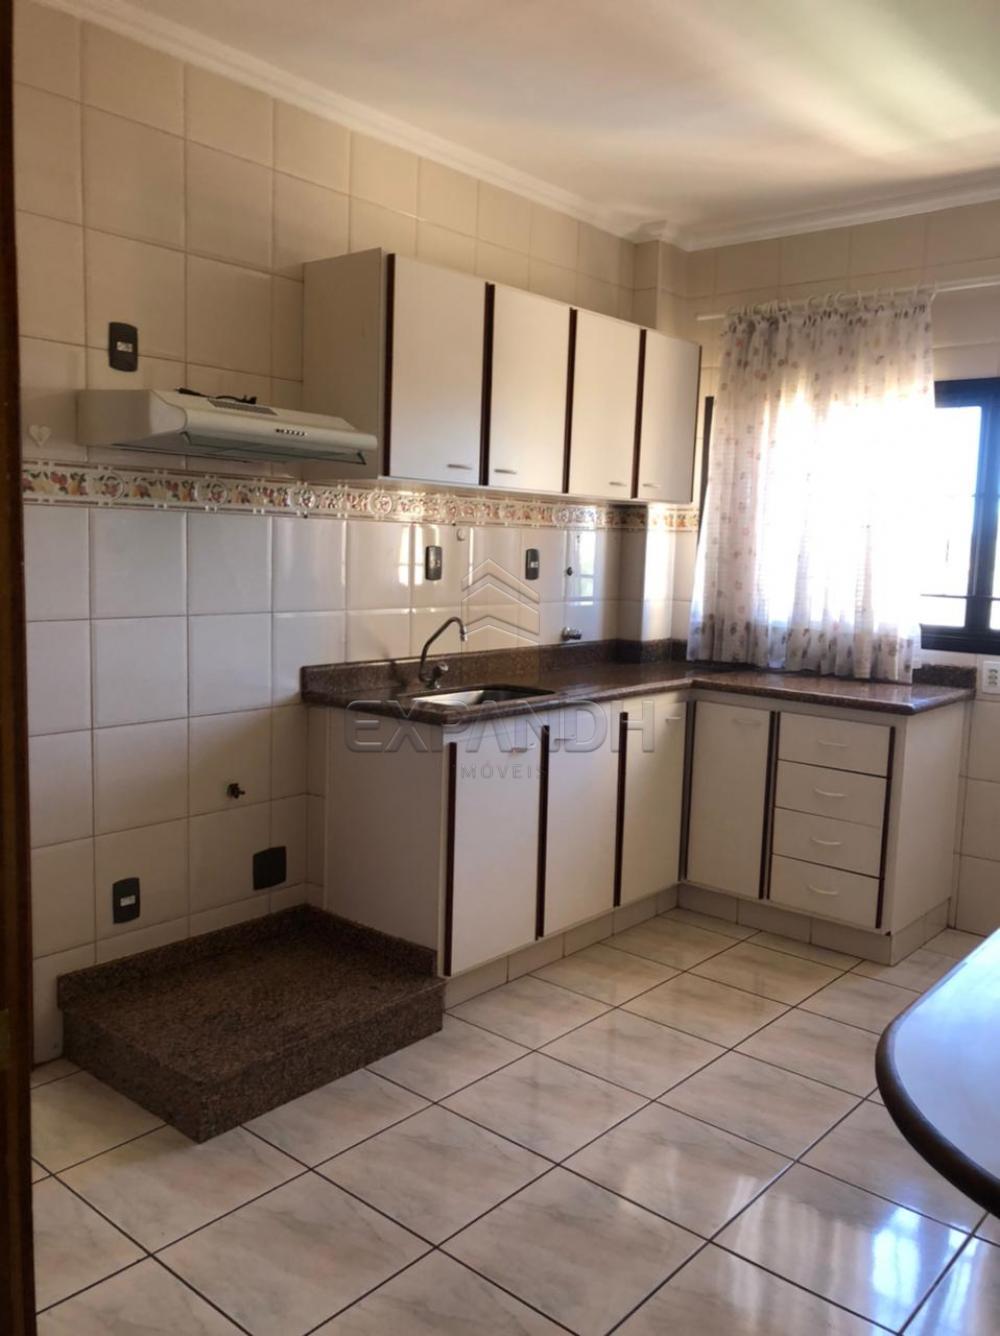 Alugar Apartamentos / Padrão em Sertãozinho R$ 1.350,00 - Foto 6